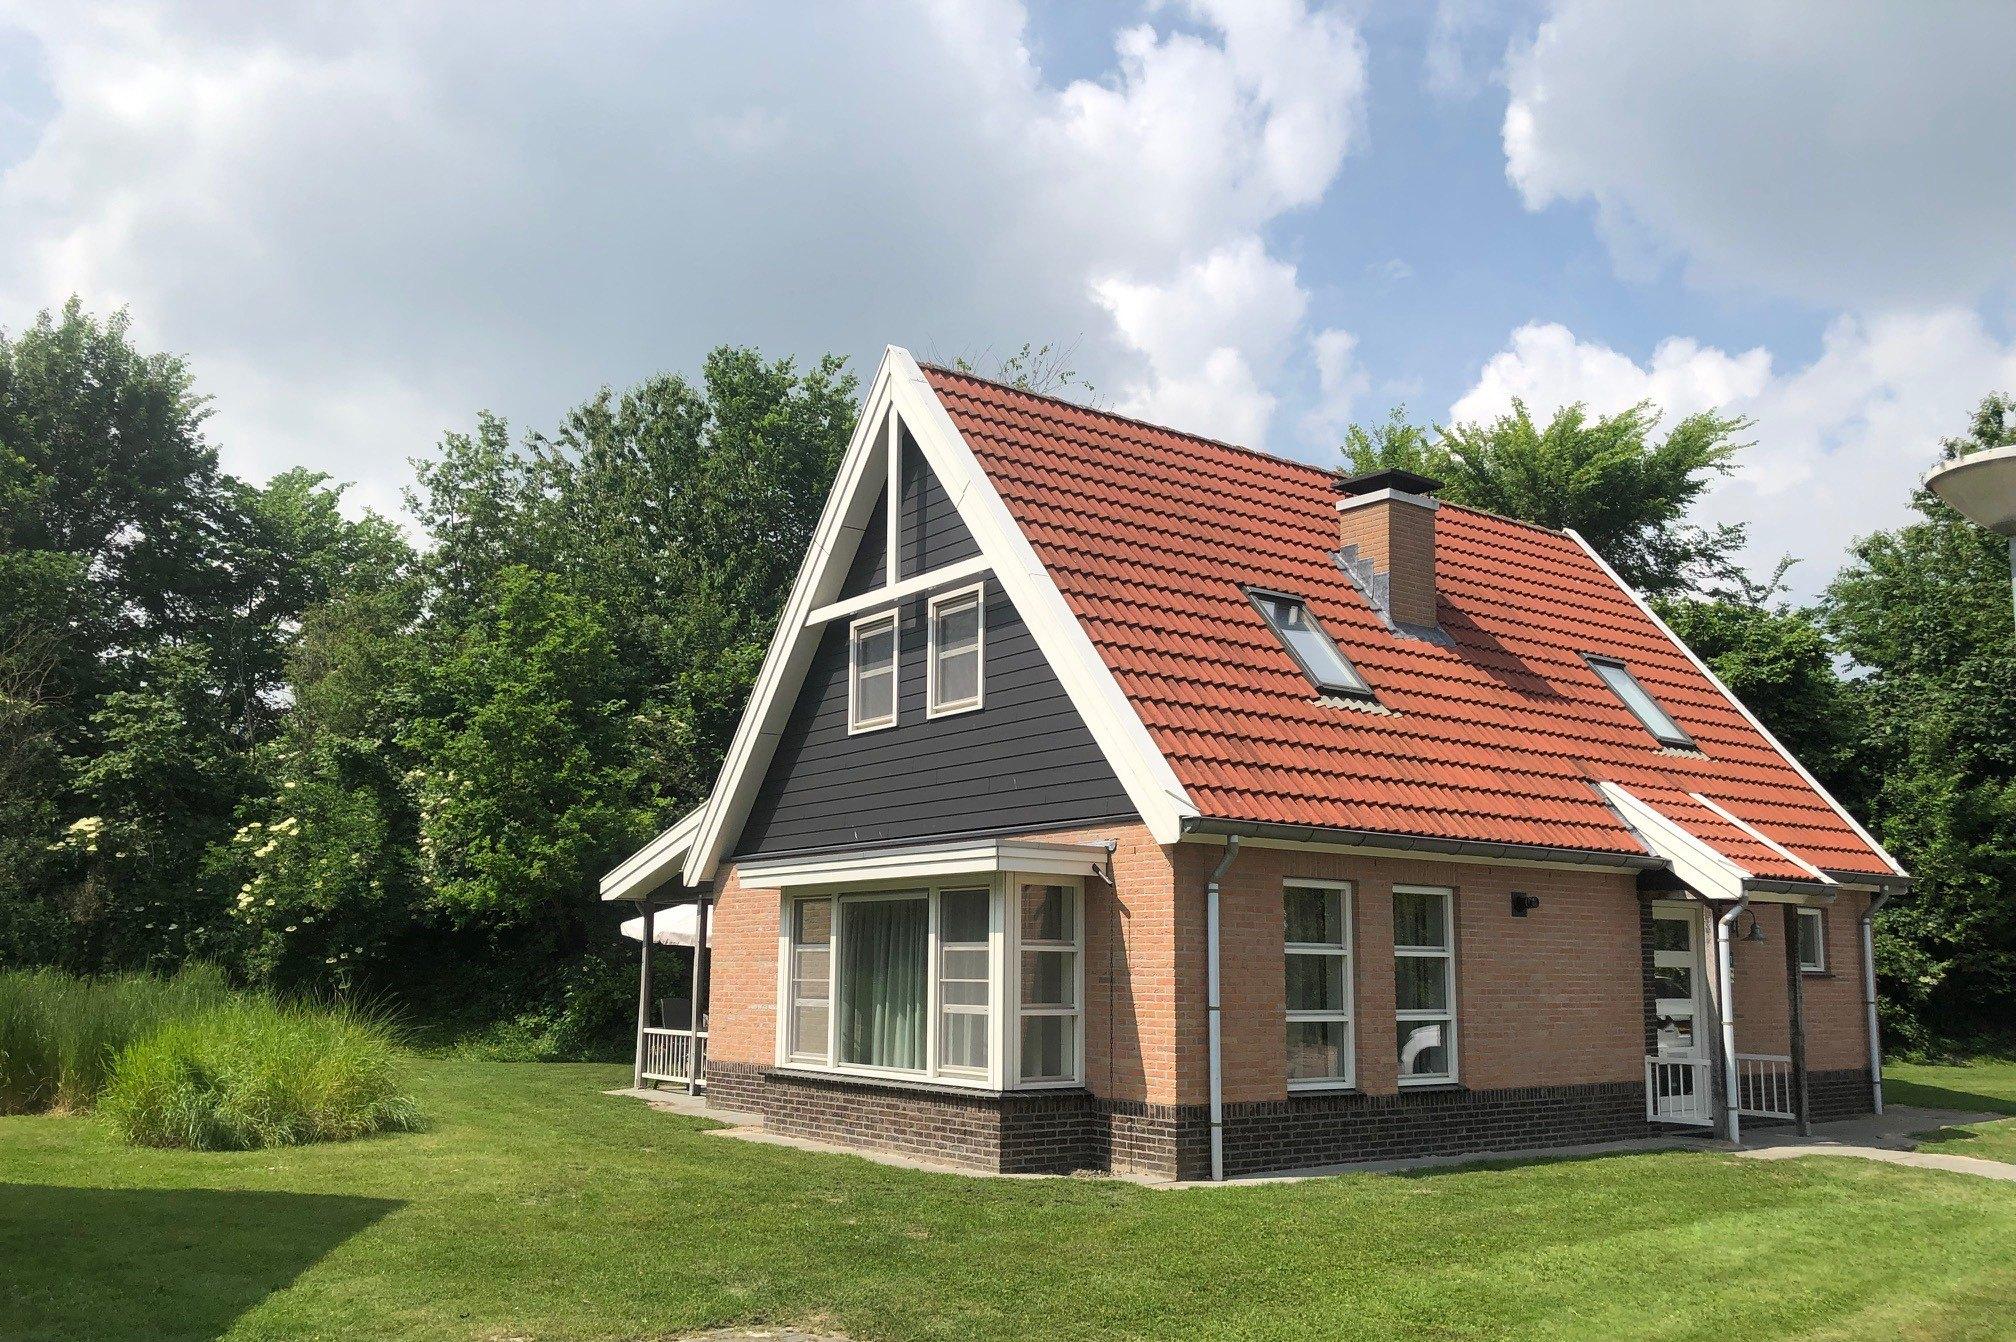 1. Recreatiewoning 1011 Landal Waterparc Veluwemeer M